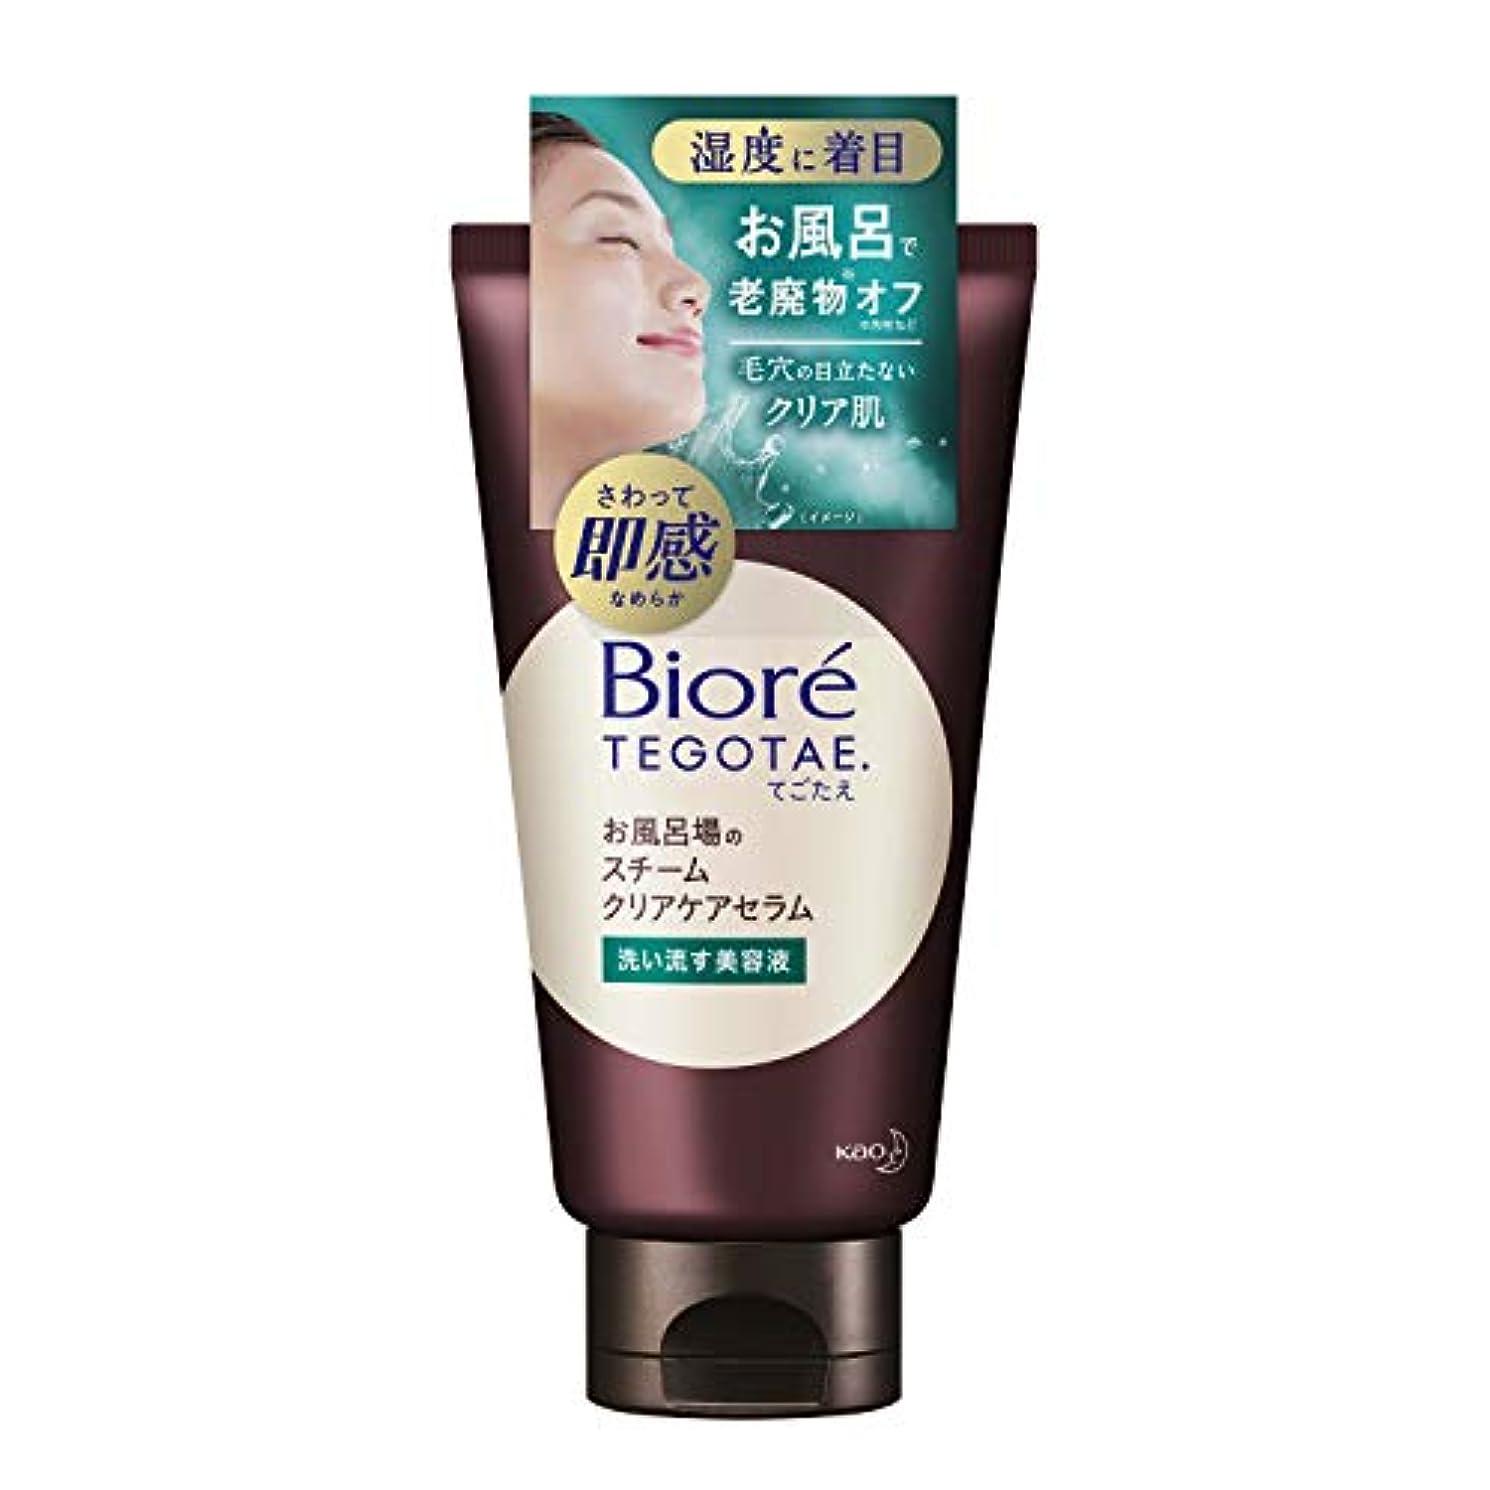 傾いたパット気怠いビオレTEGOTAE(テゴタエ) お風呂場のスチームクリアケアセラム 美容液 グリーンフローラルの香り 150g